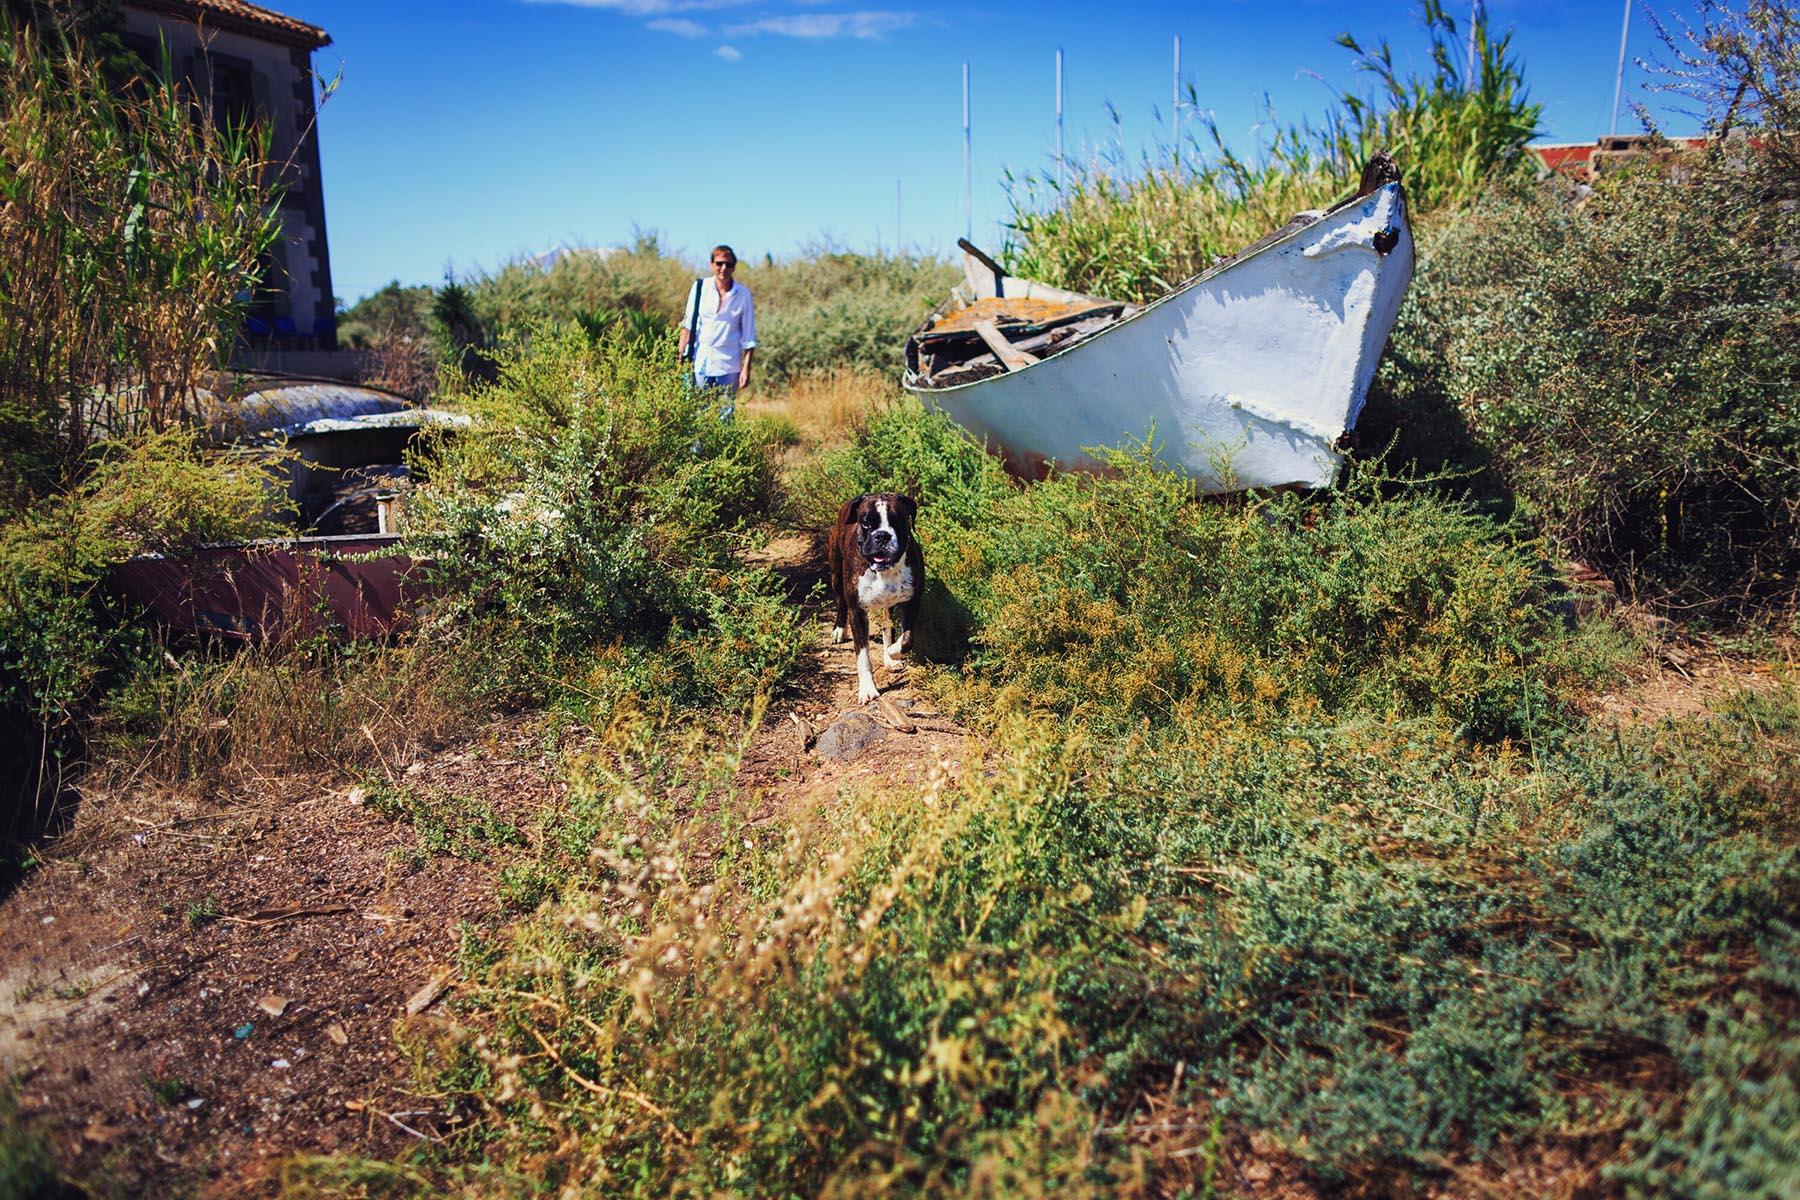 L'auteur dans son milieu naturel… et celui de Mô, par la même occasion ! — Photographie © Louise Imagine